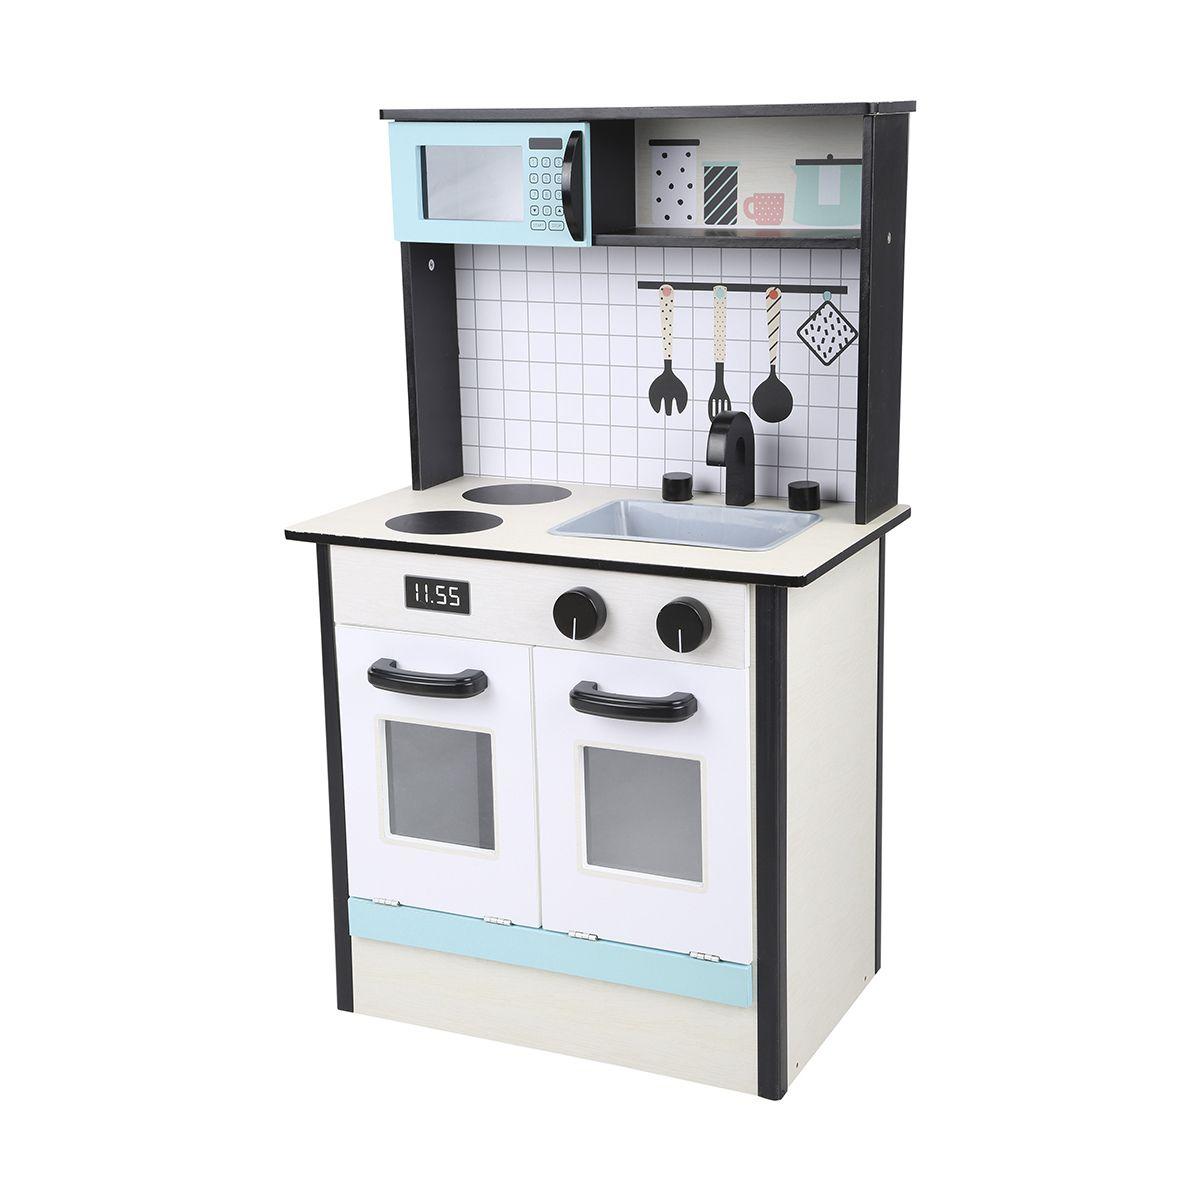 kmart kitchen vigo sinks wooden wishlist cubby